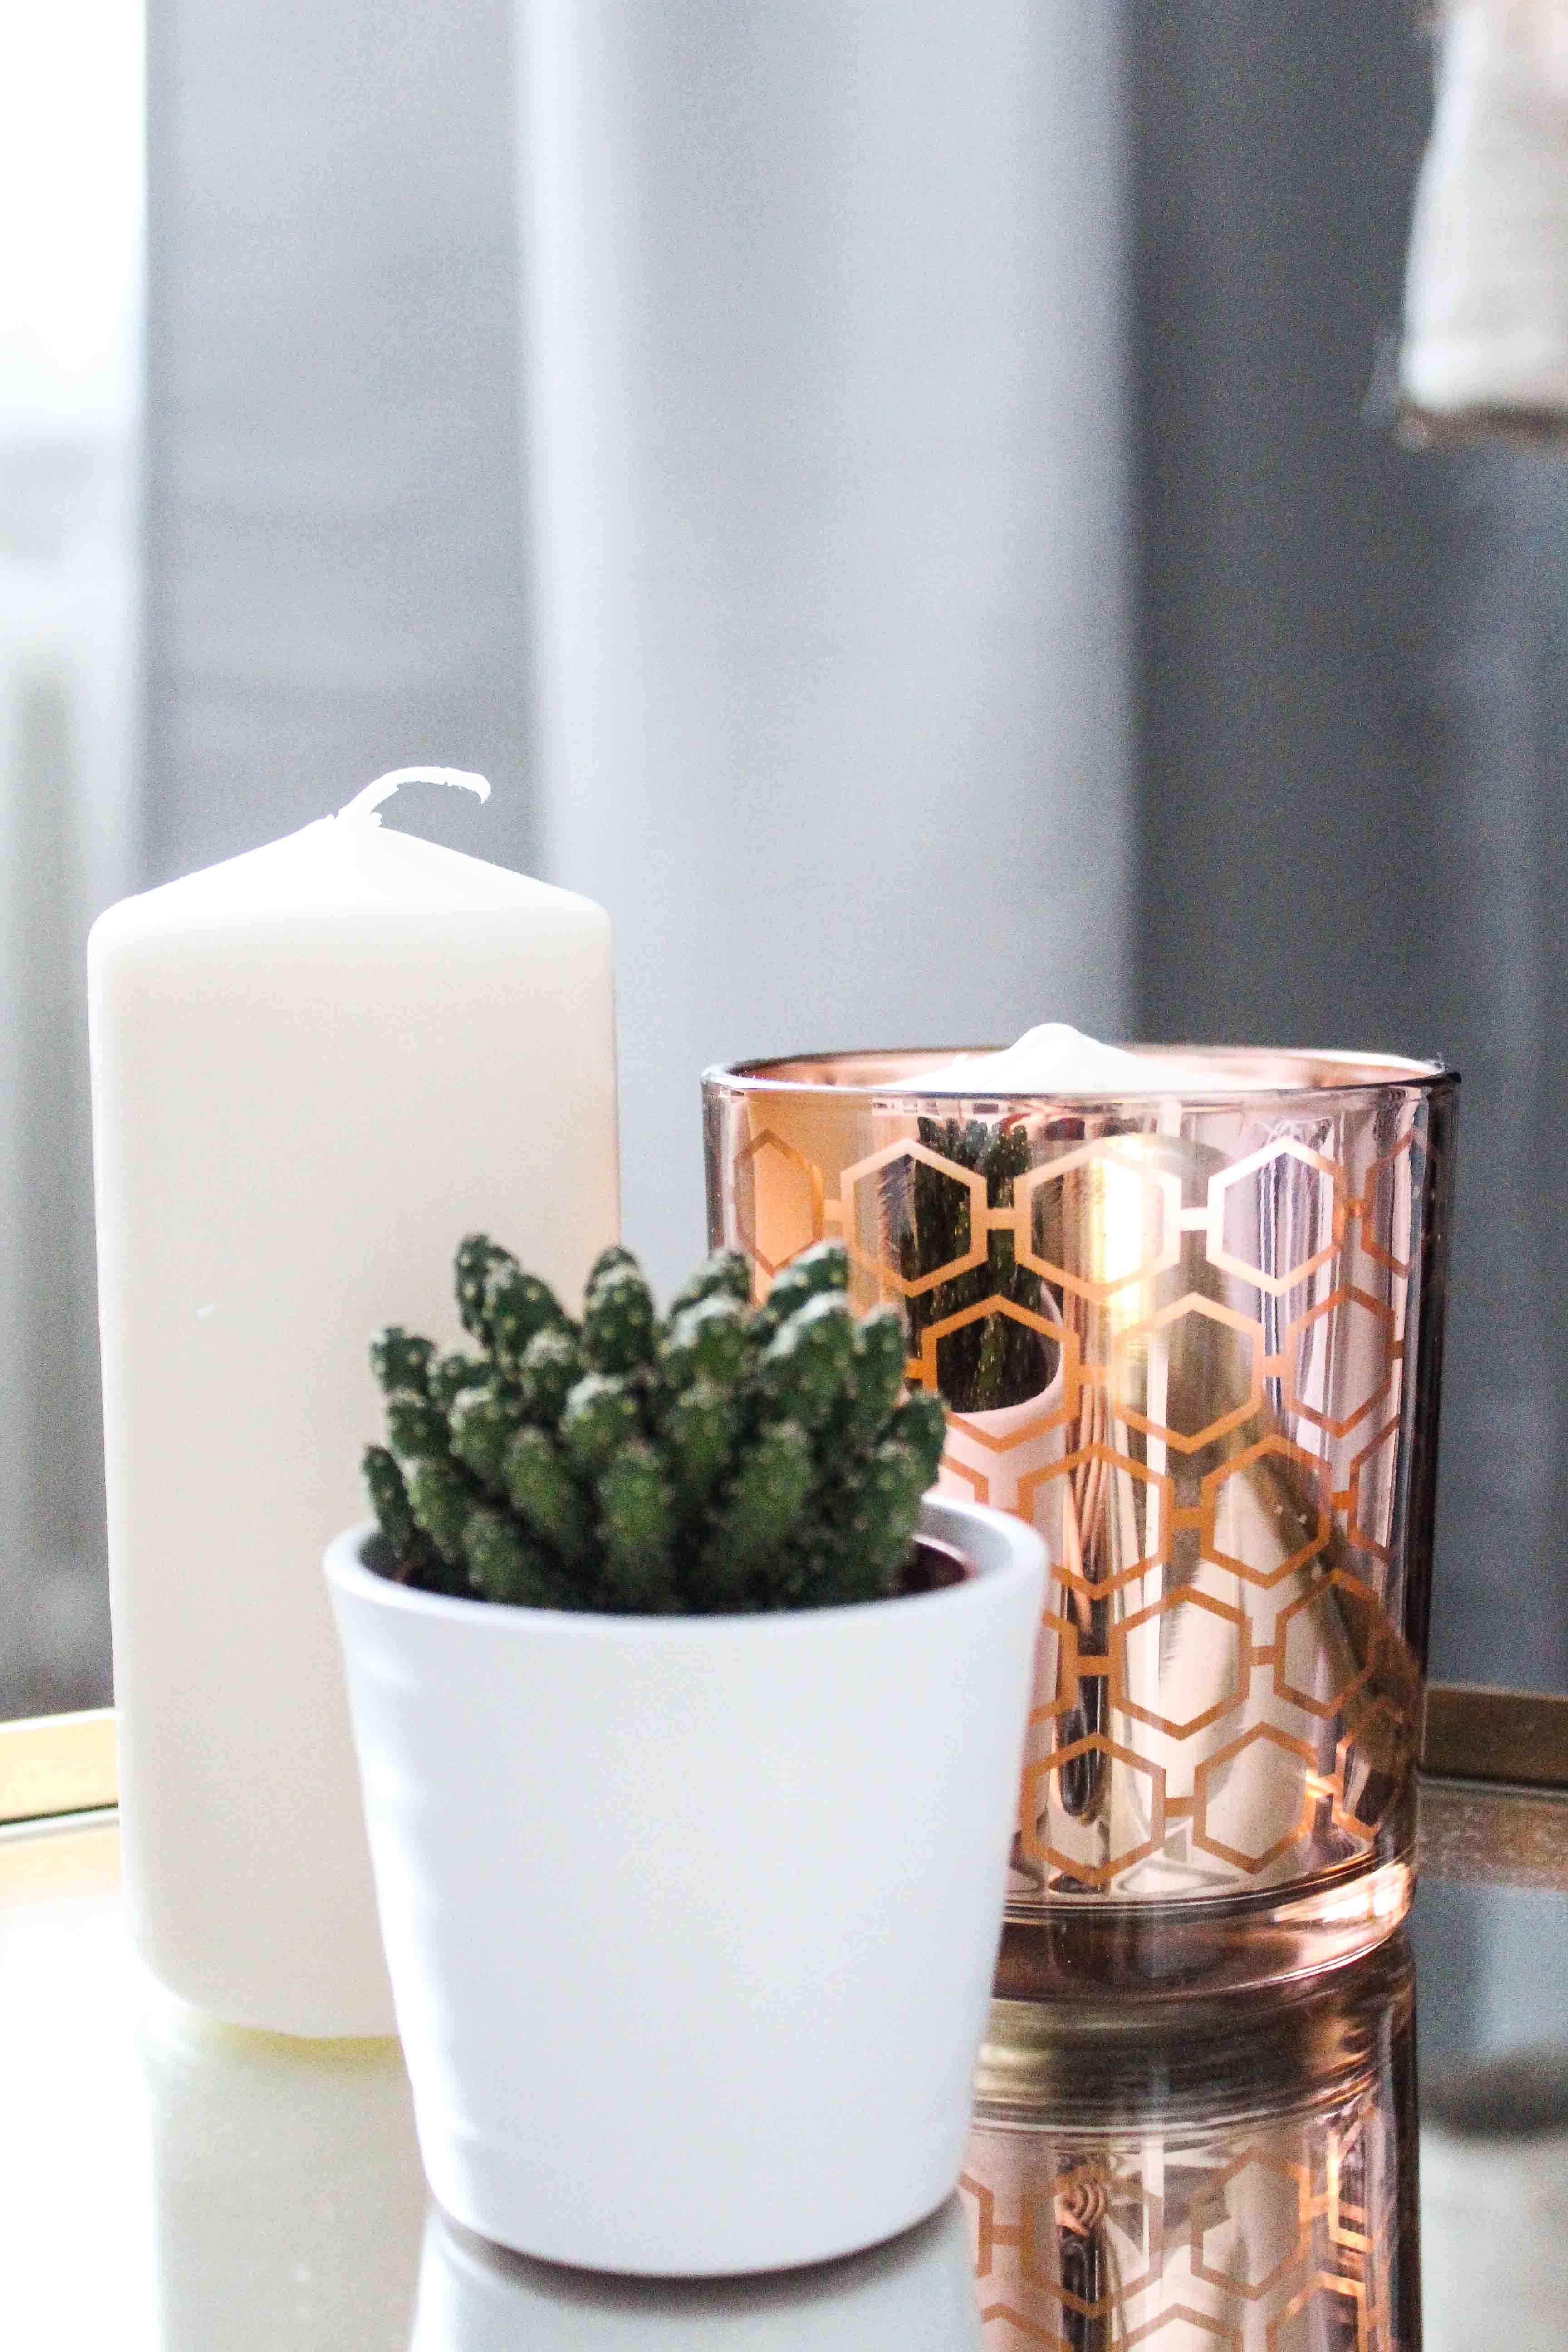 Wohntrend Kupfer Bronze Interior Shopping Dekoration Kupfer weiße Kerze Kaktus